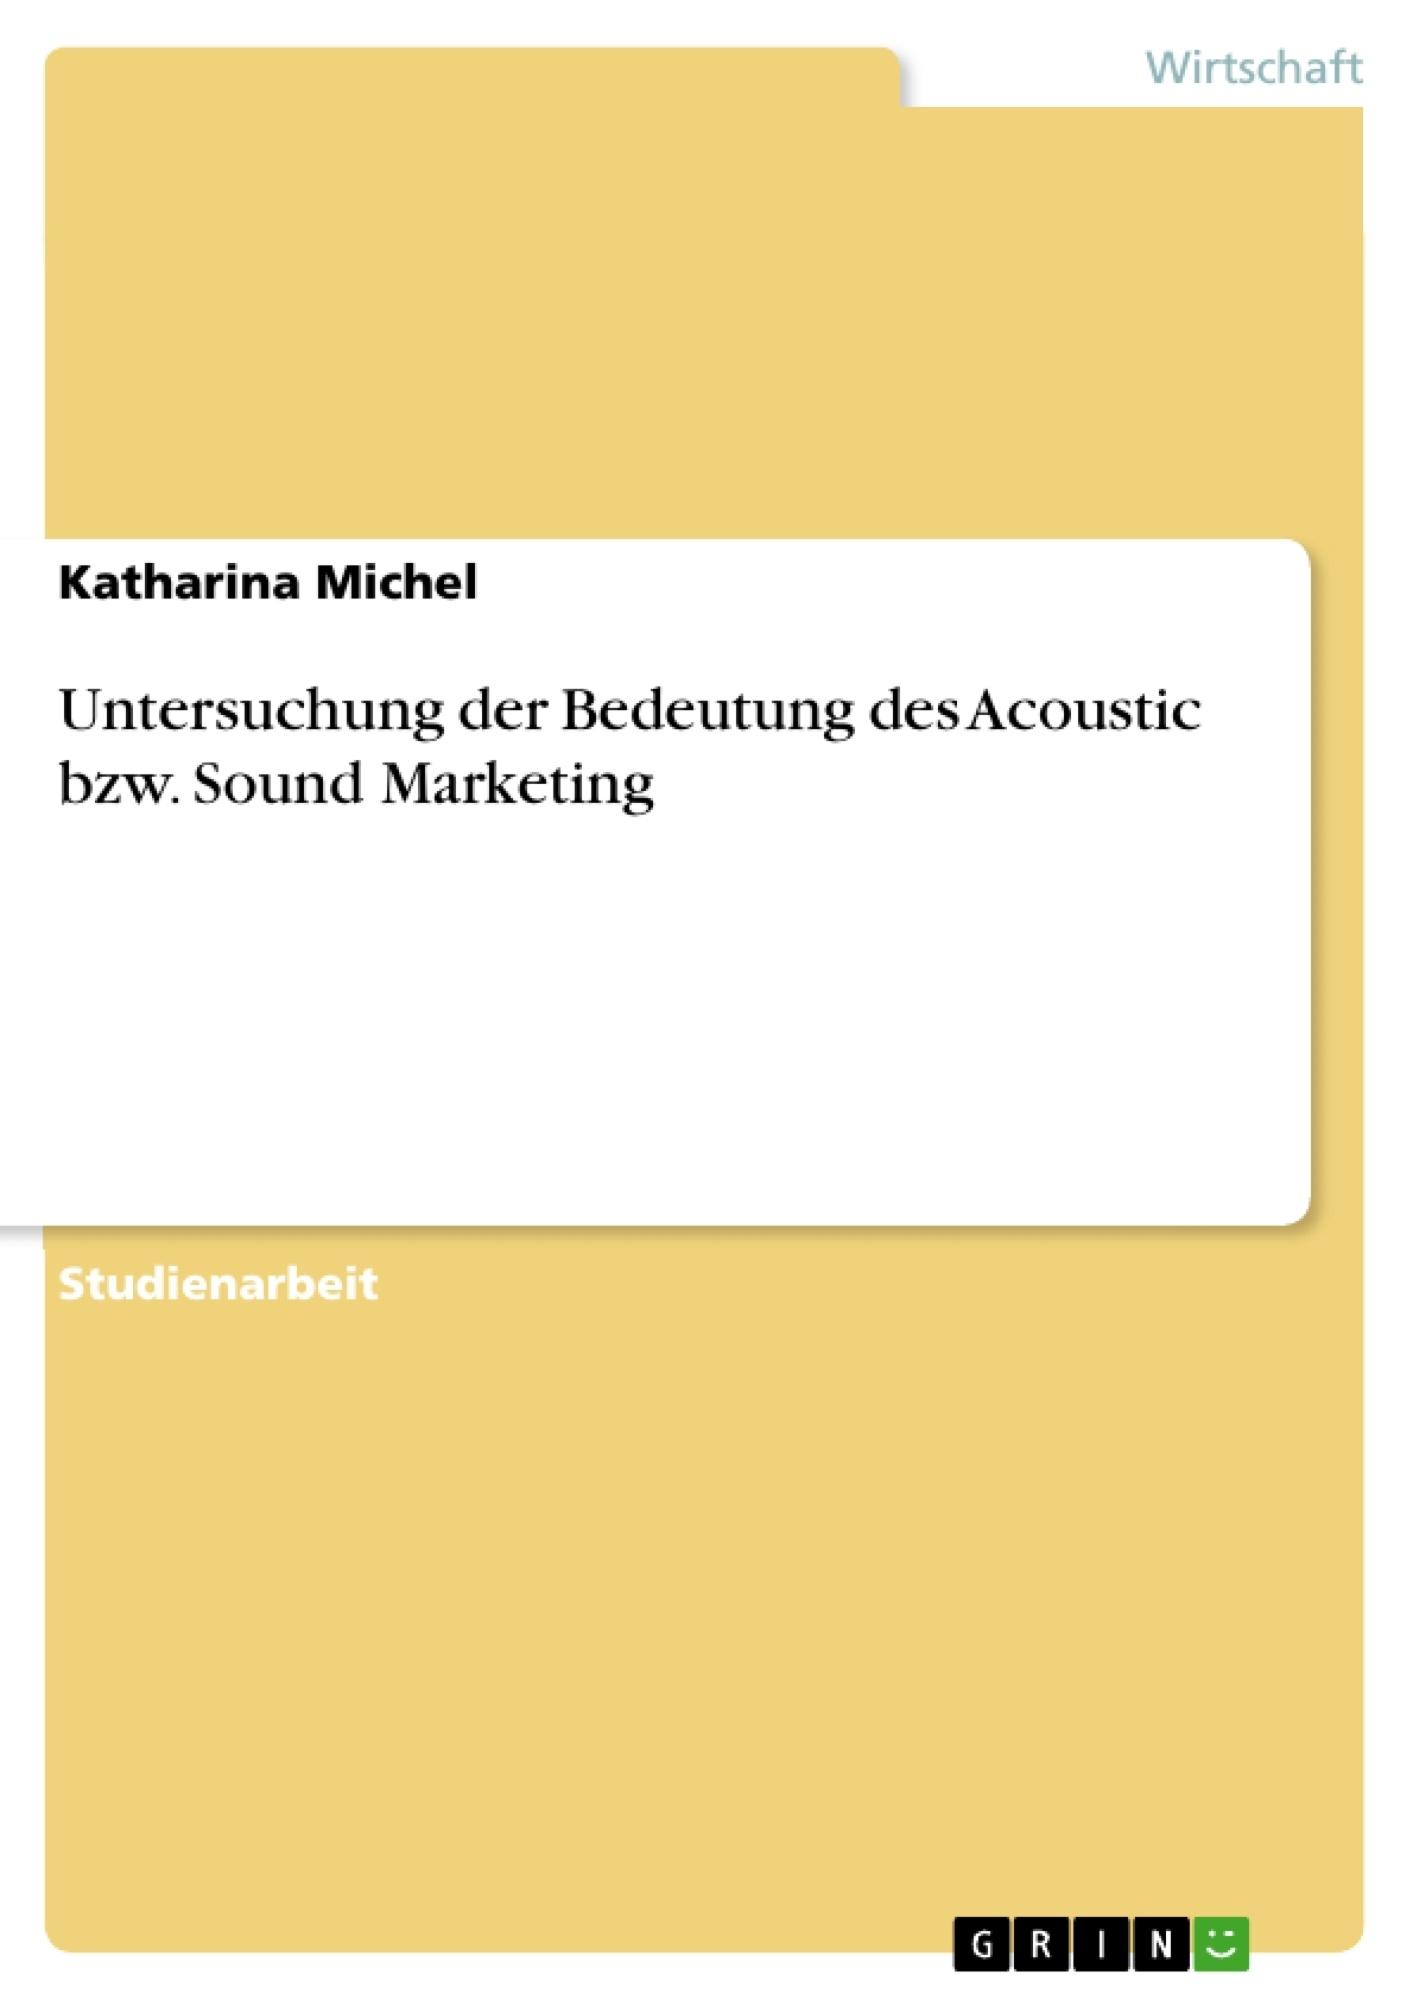 Titel: Untersuchung der Bedeutung des Acoustic bzw. Sound Marketing